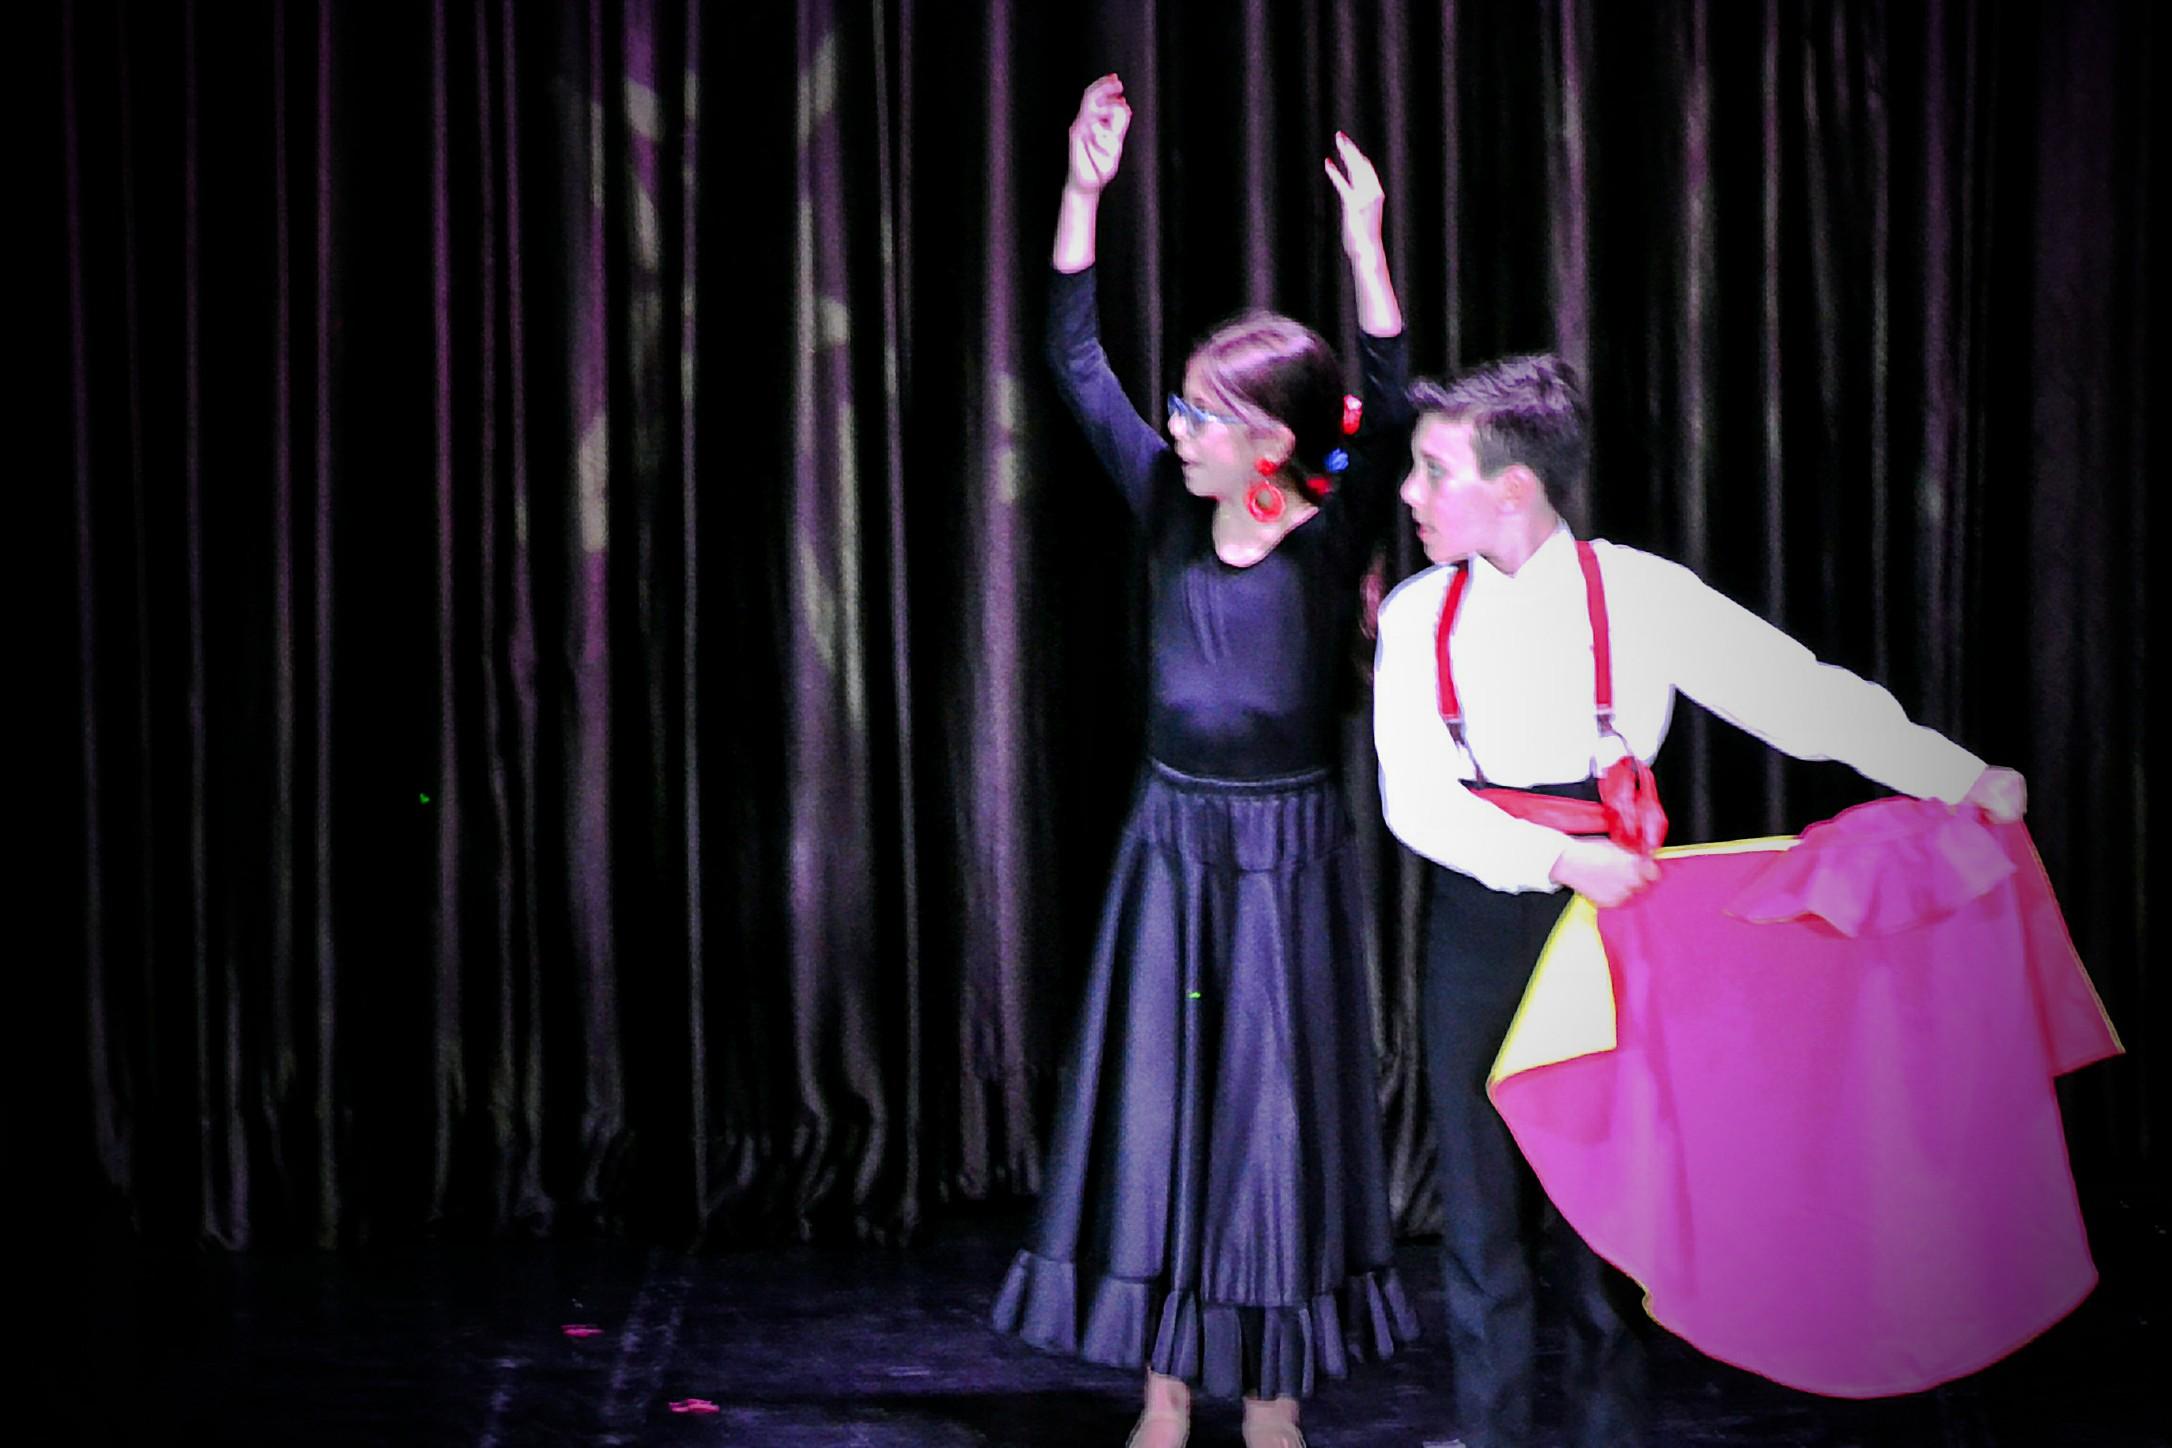 Linea-de-Baile-festival-verano-2015-clases-de-baile-valencia-16